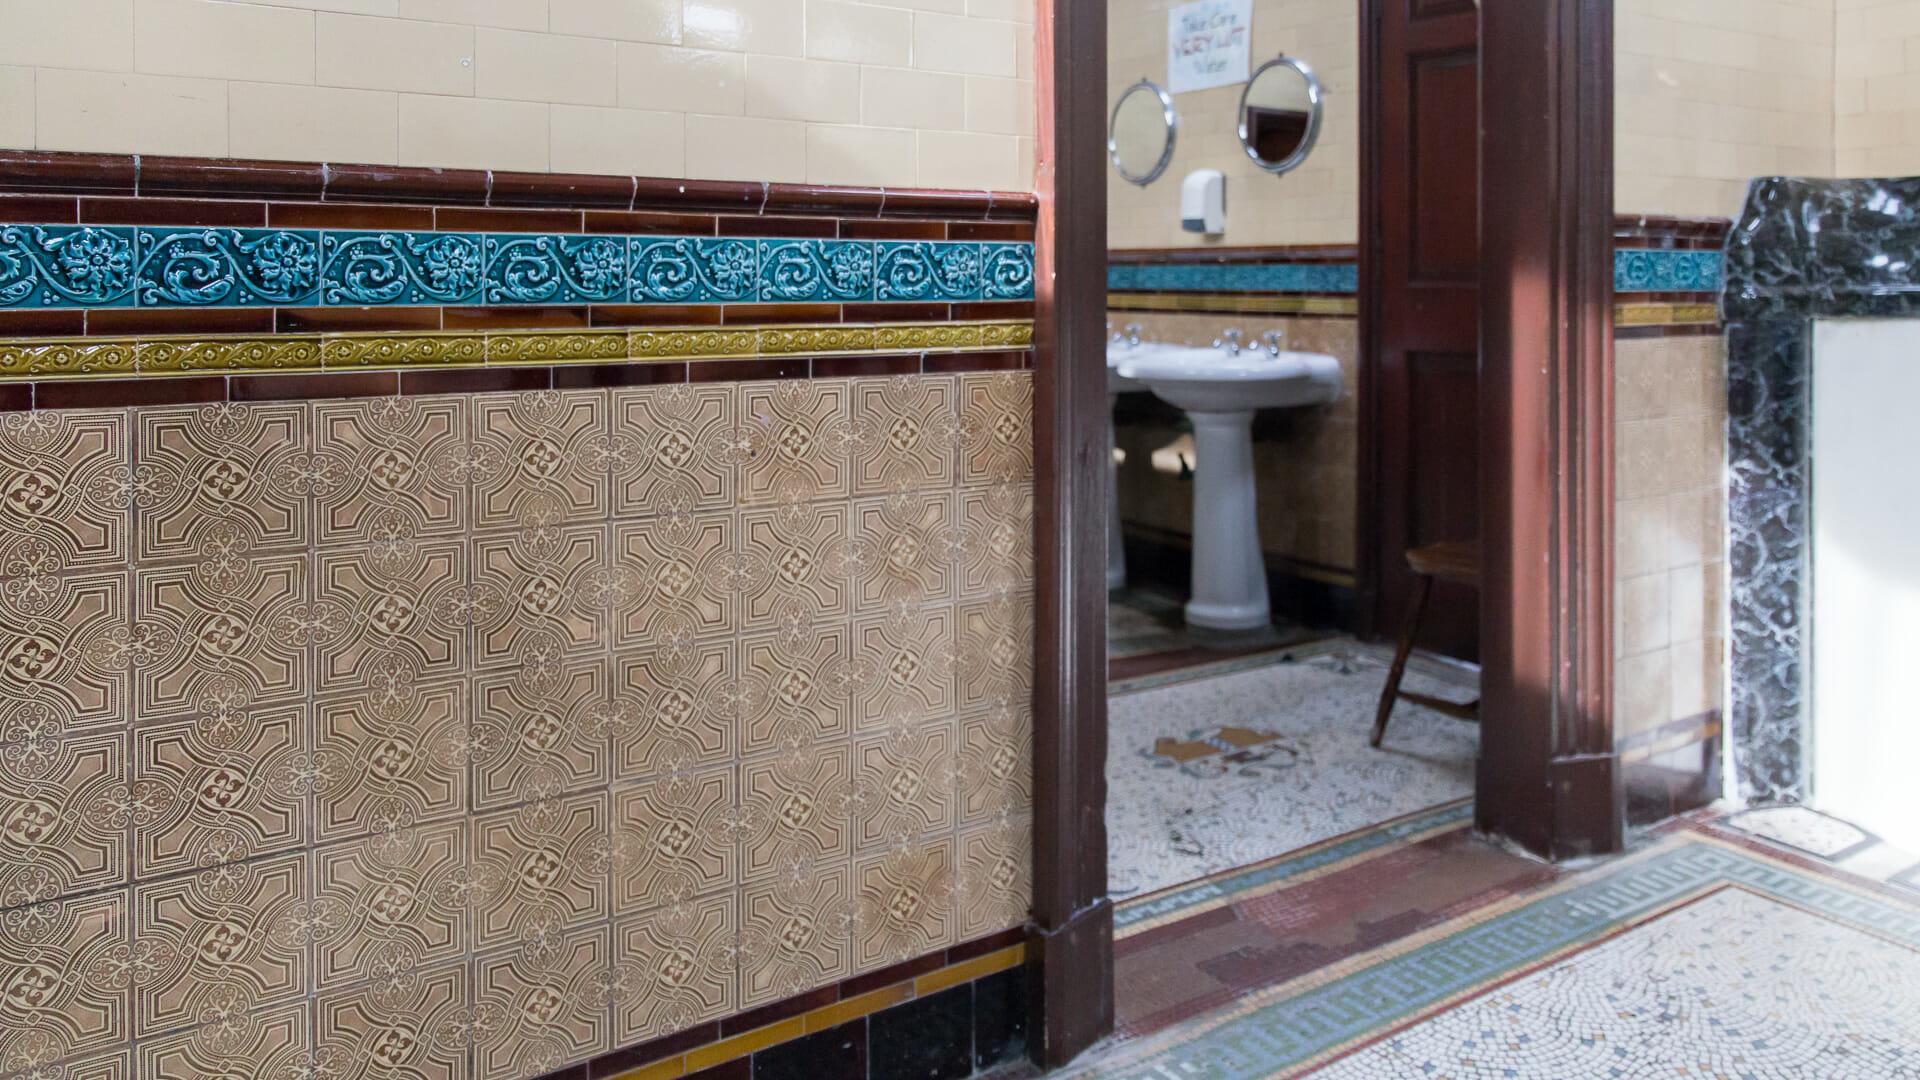 Keramik und Mosaike, am Eingang das Wappen von Rothesay